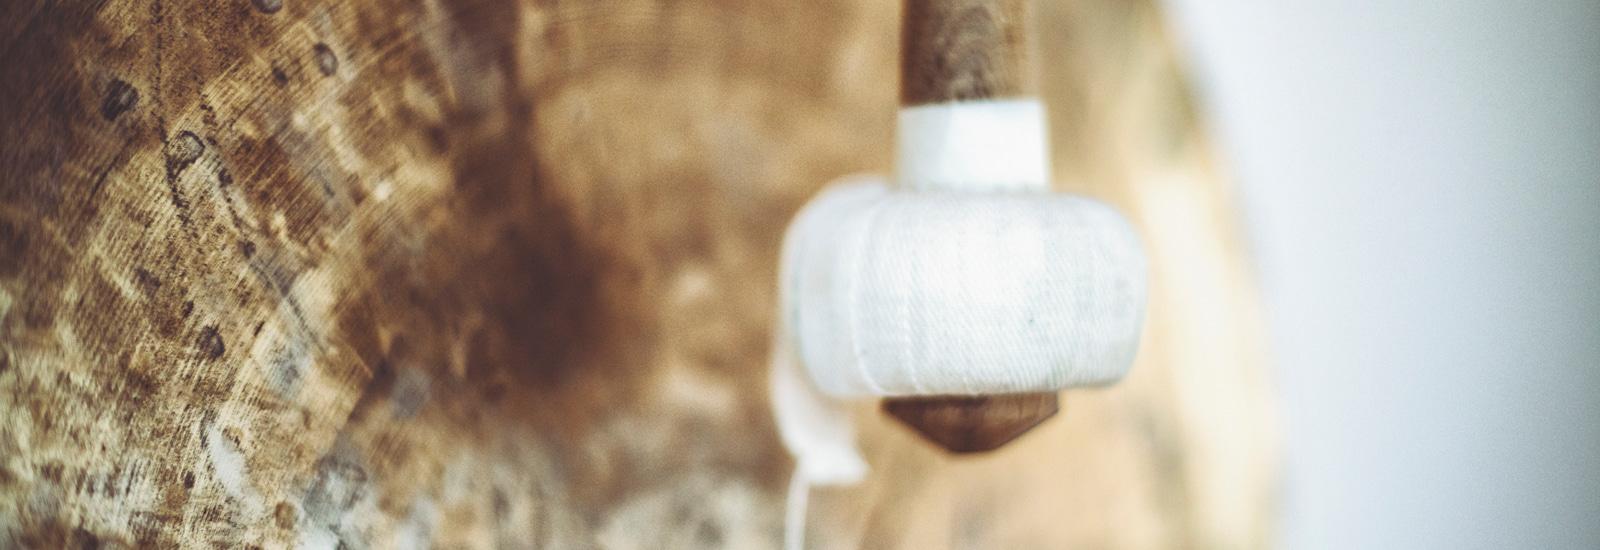 afbeeldingsgrootte_blog-gong